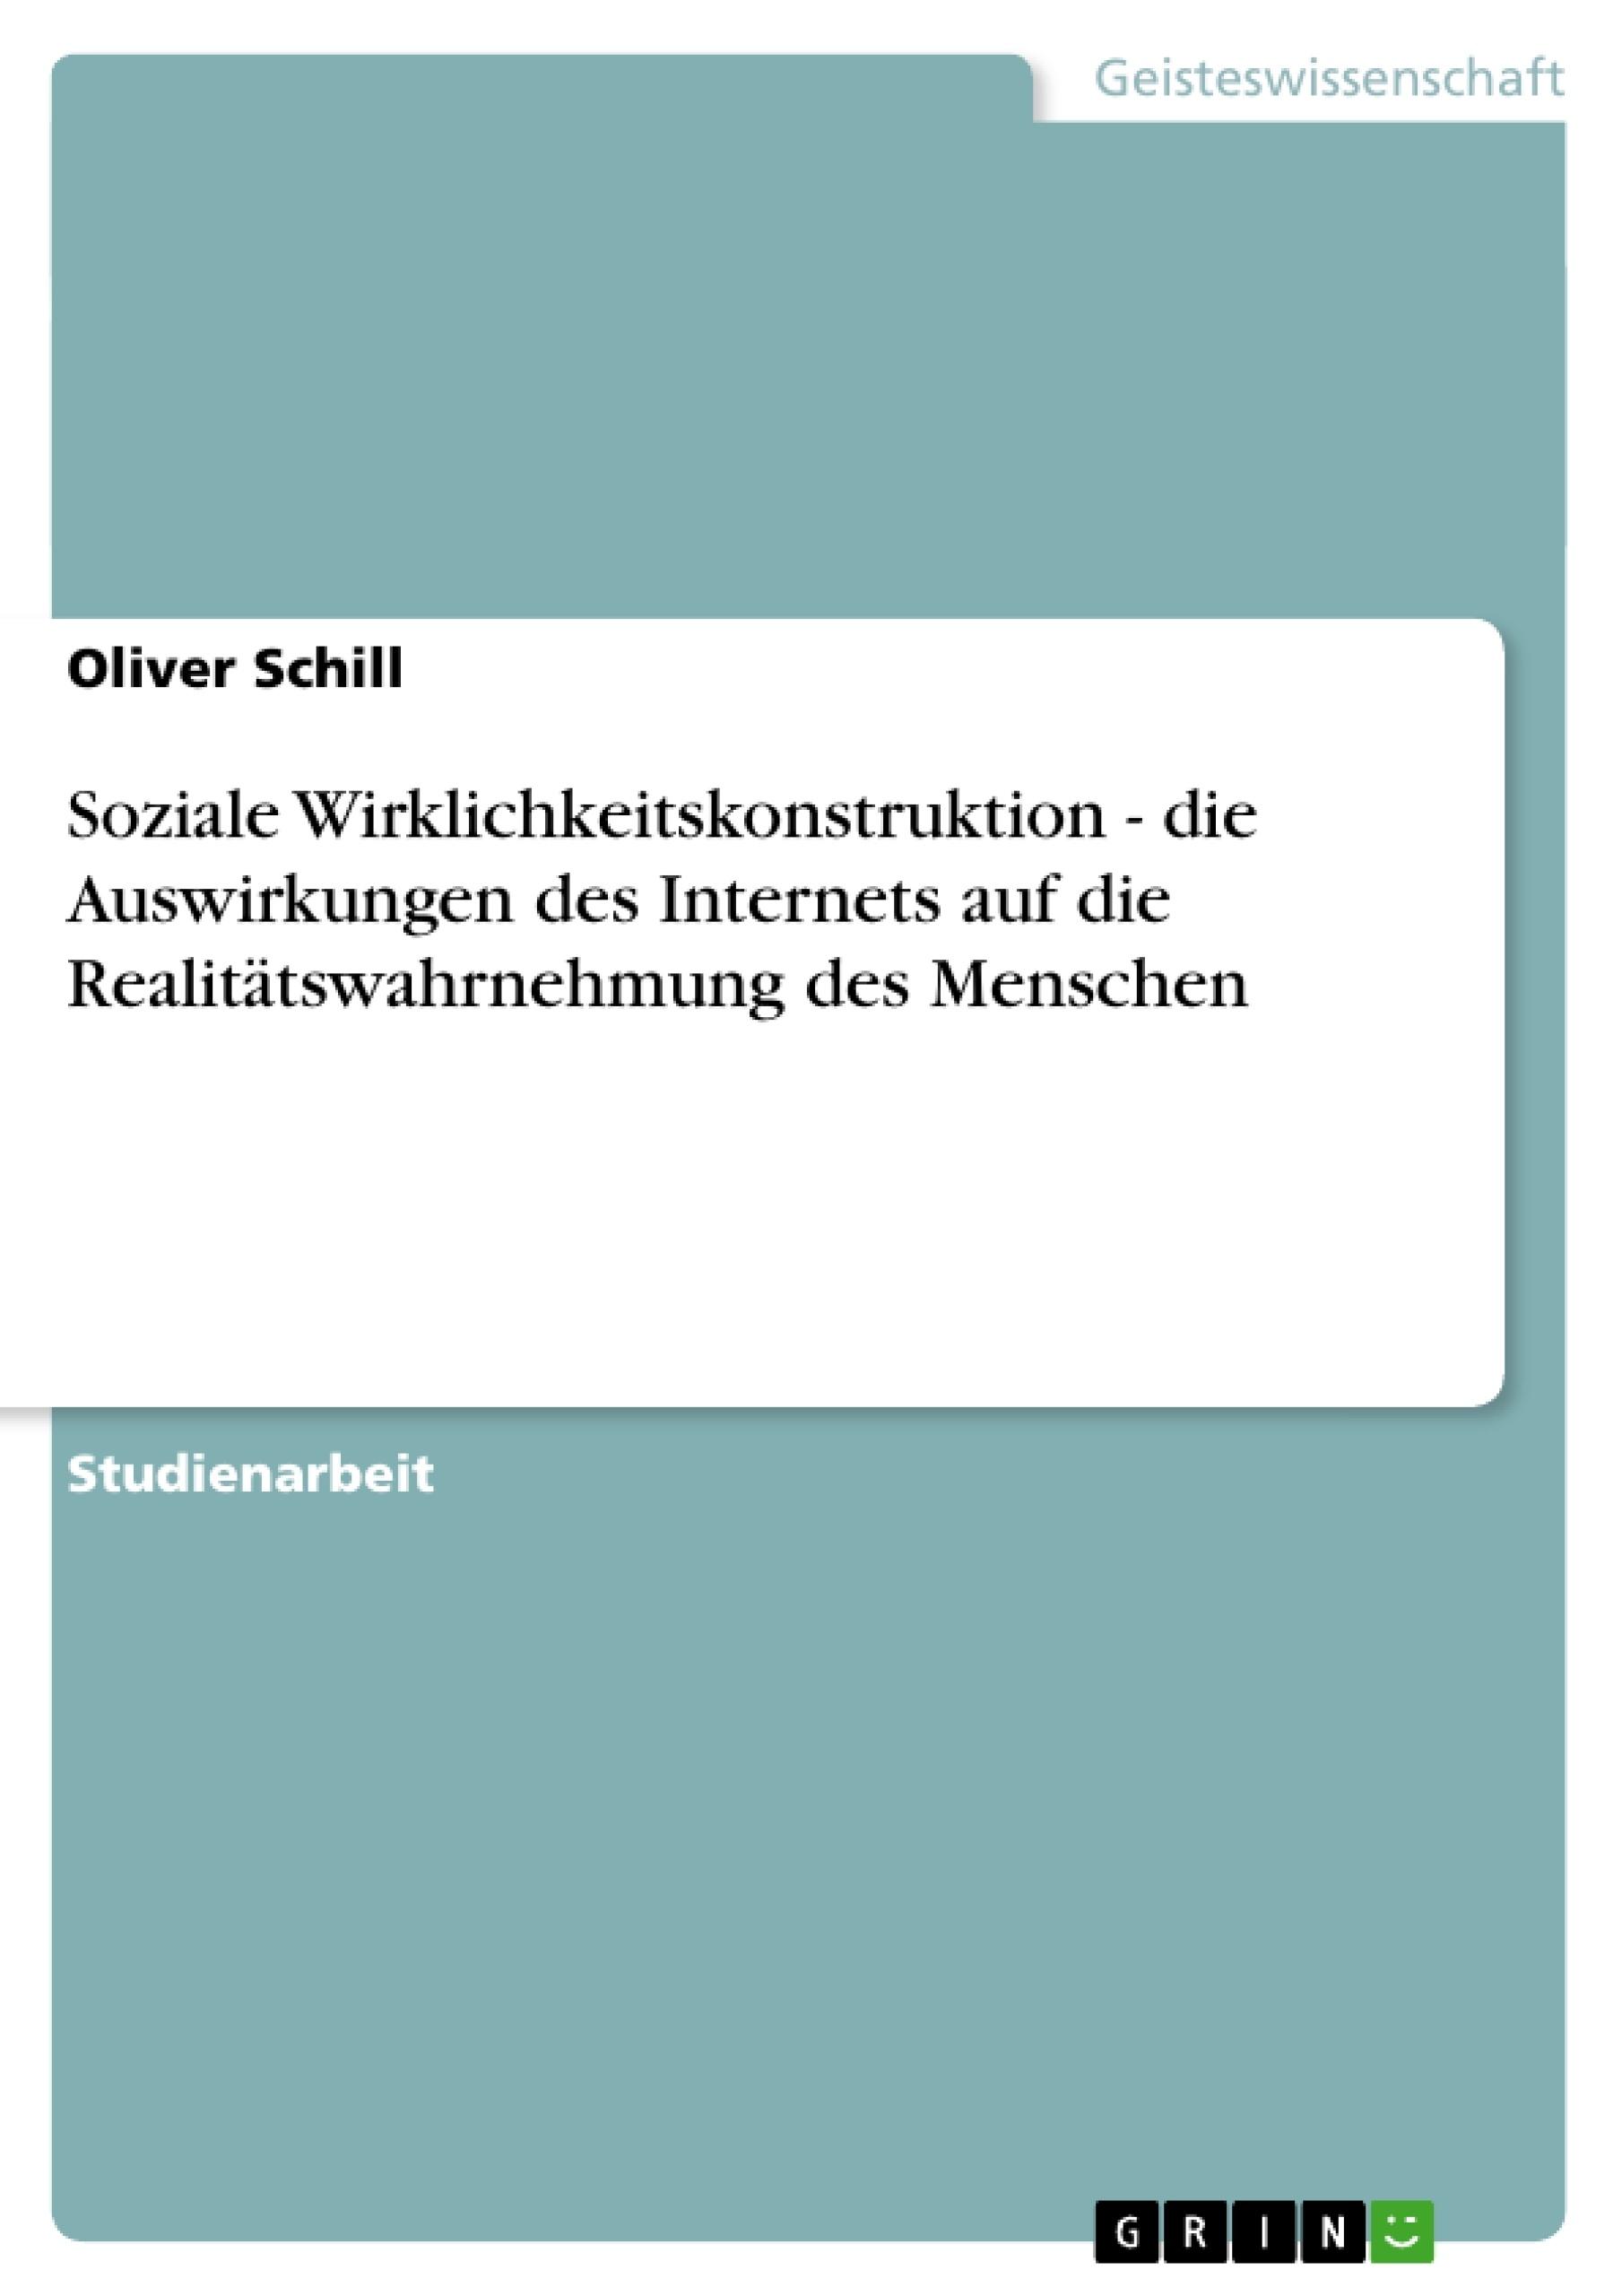 Titel: Soziale Wirklichkeitskonstruktion - die Auswirkungen des Internets auf die Realitätswahrnehmung des Menschen